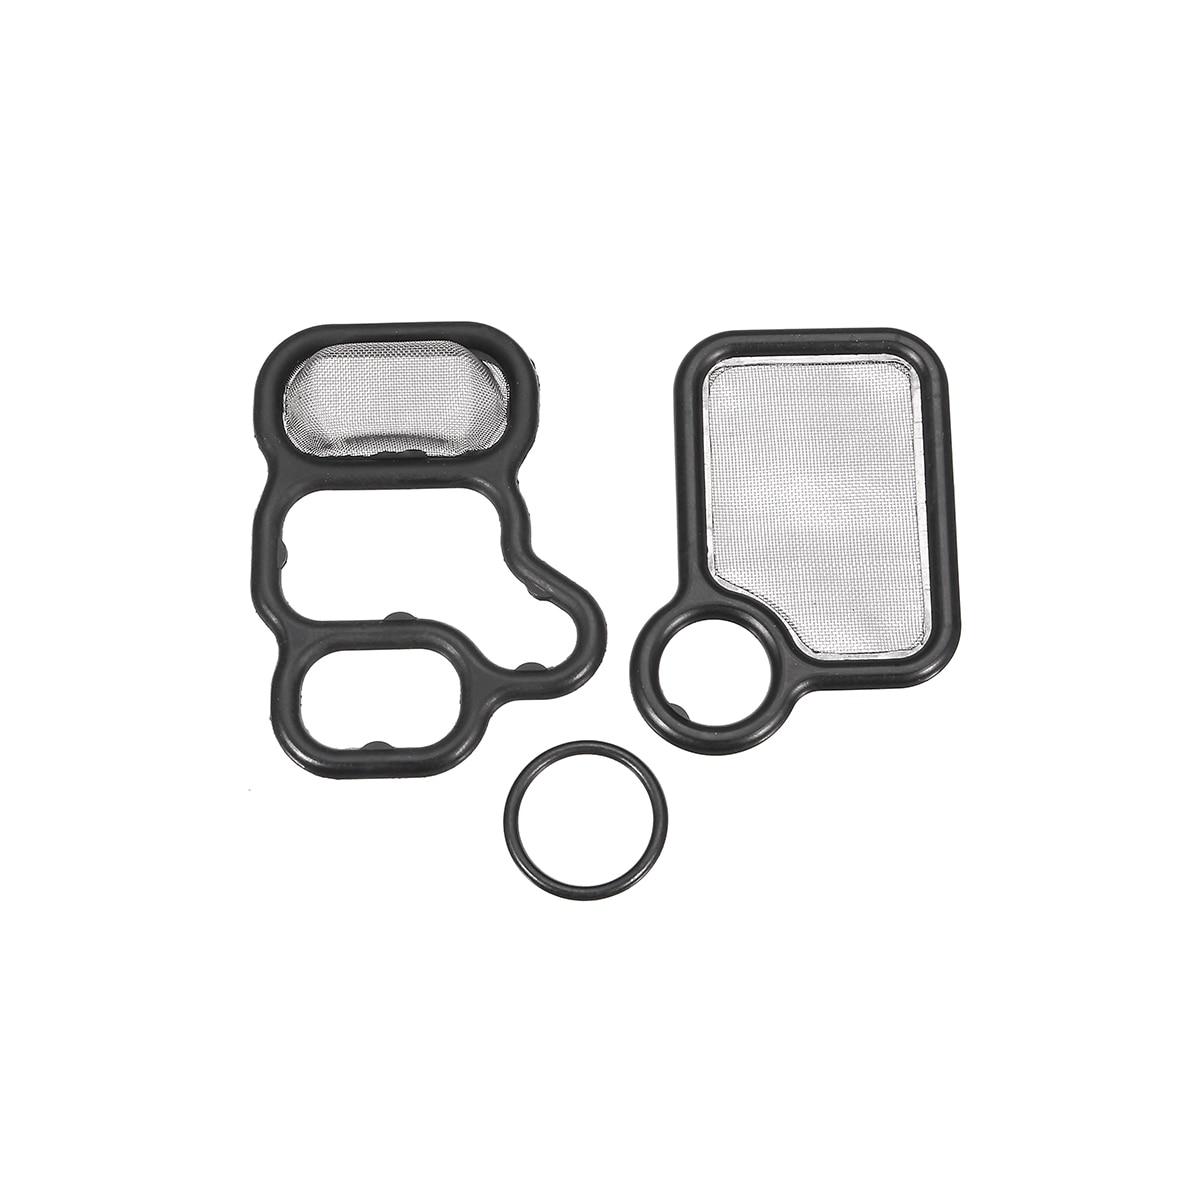 Solenoid Spool Valve Gasket Filter Kit For VTEC System